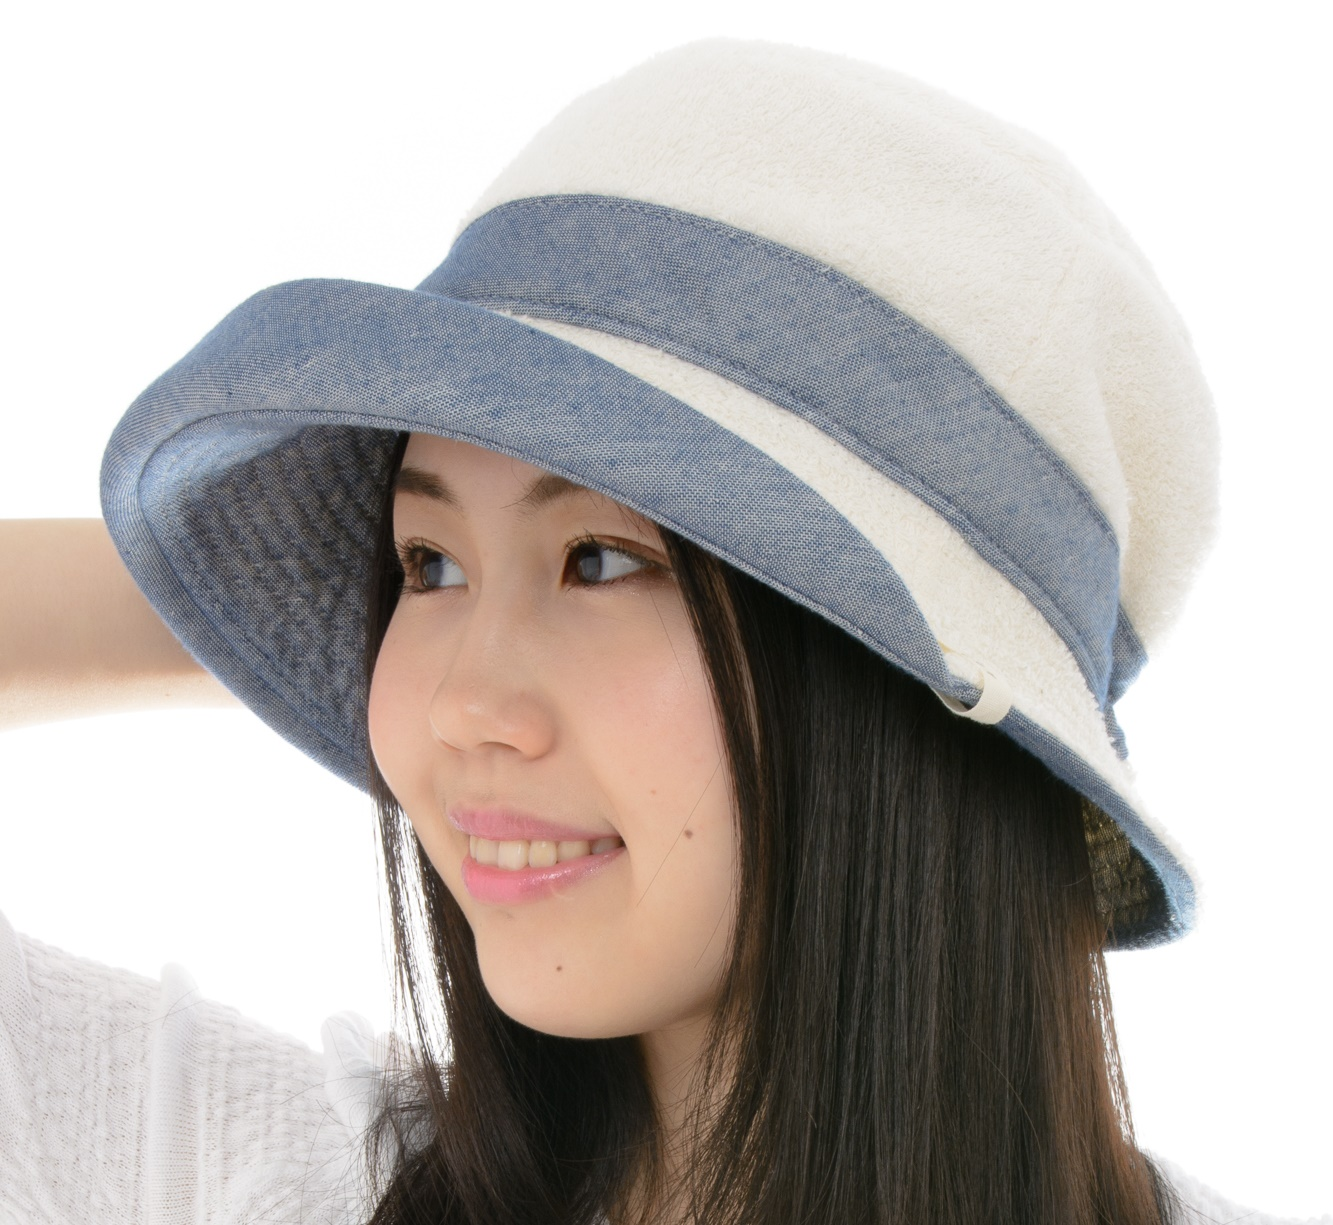 リバーシブルハット オーガニックコットン パイルの帽子リバーシブル NOC日本オーガニックコットン流通機構認定商品 SIGN FエフLABEL